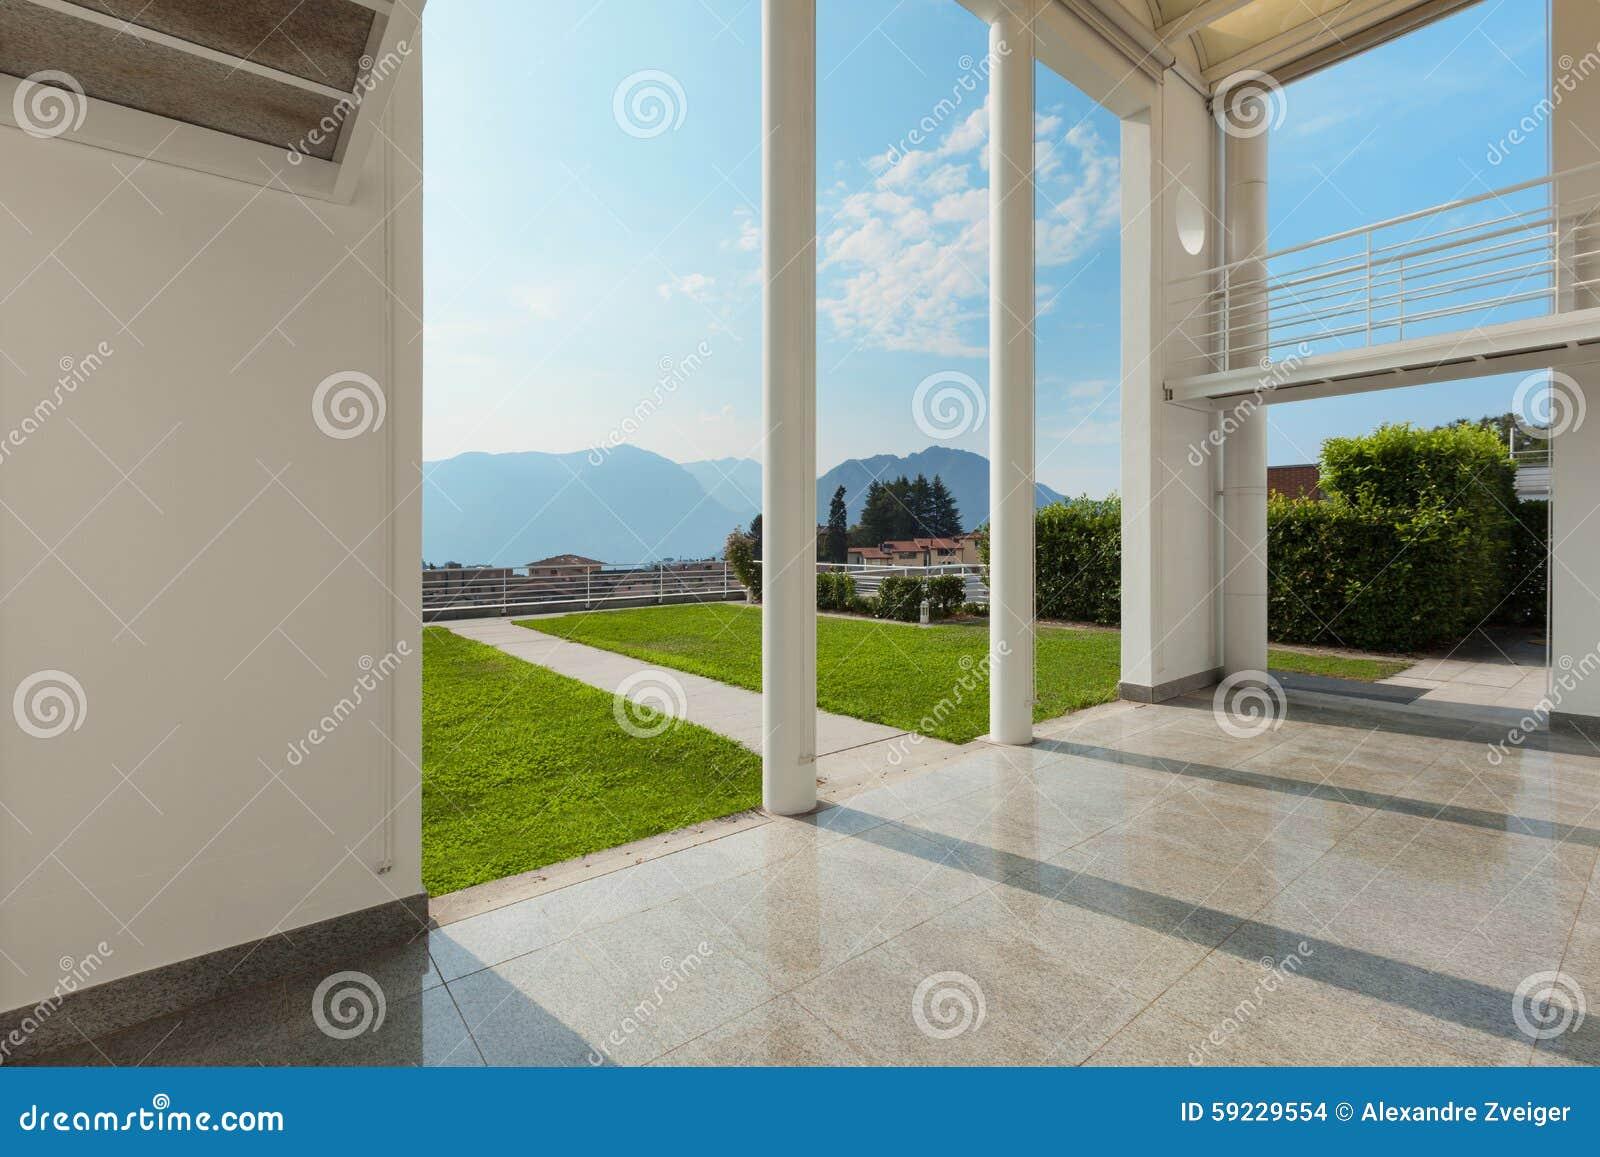 Mirador ancho de una casa moderna